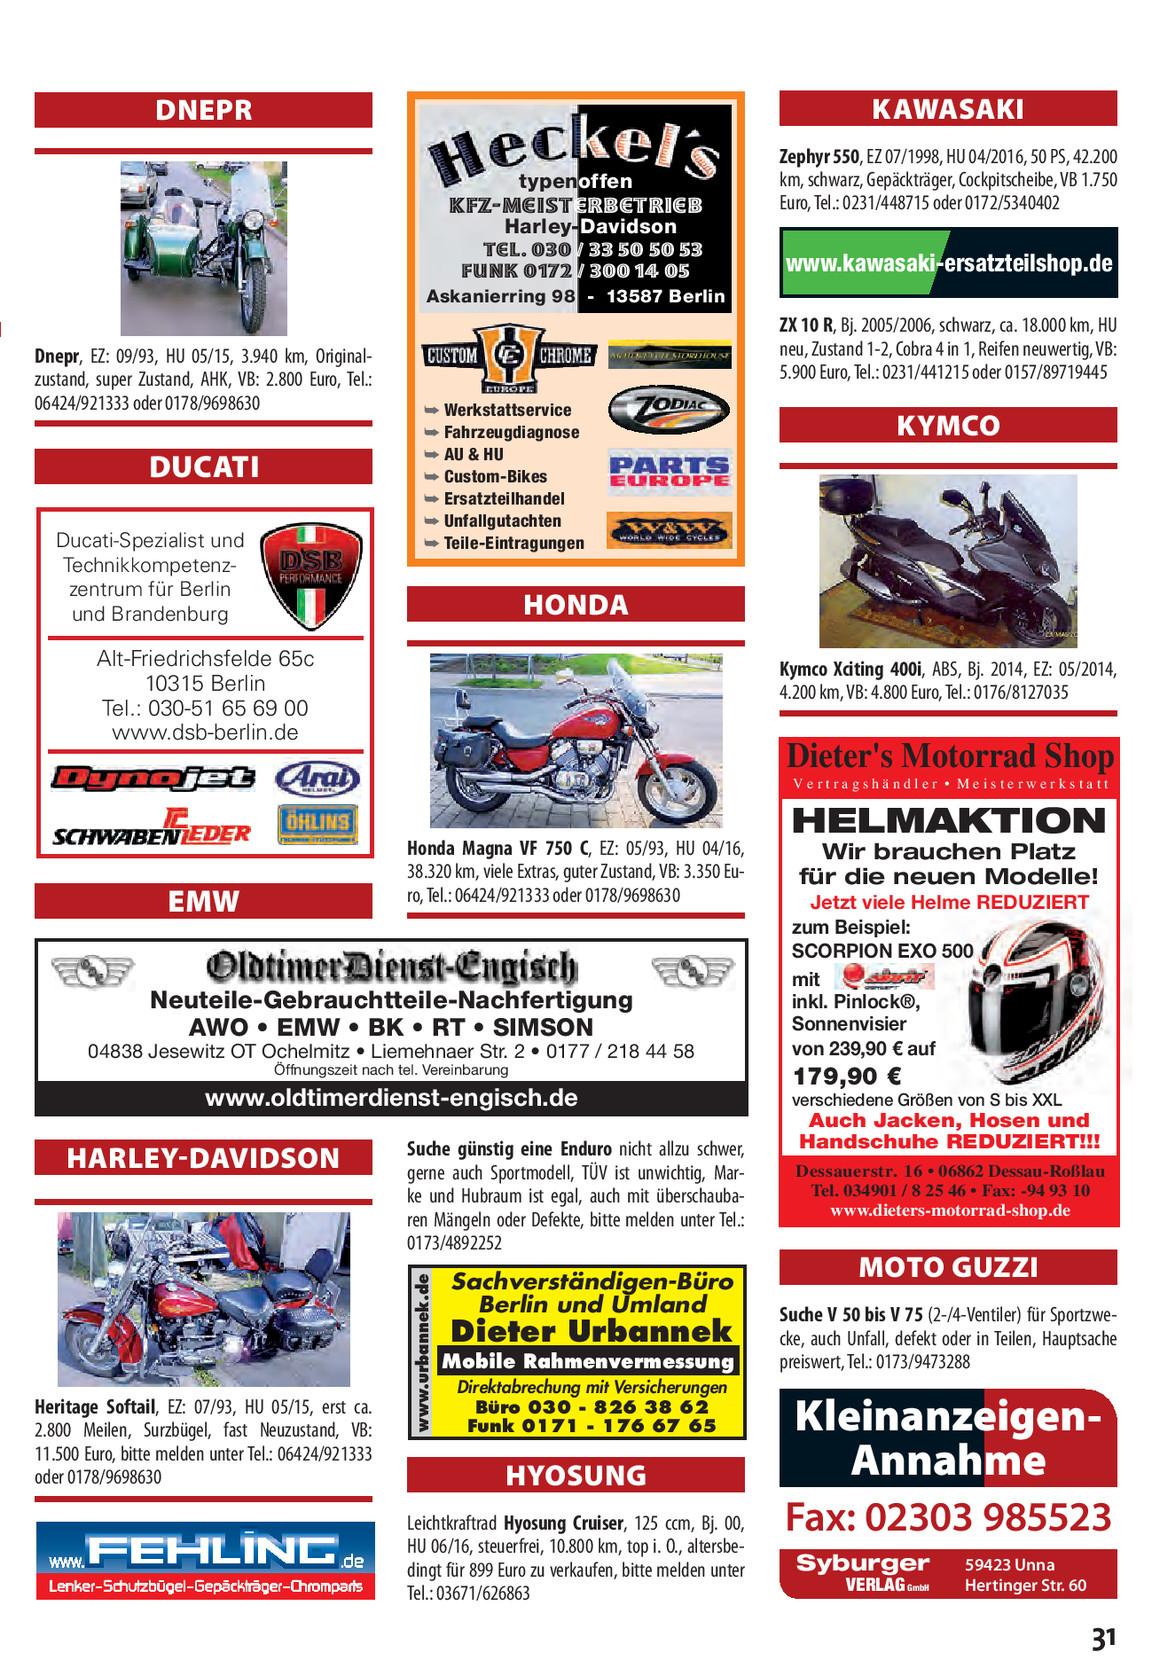 Motorradszene Spinner 0215 Motorradszene